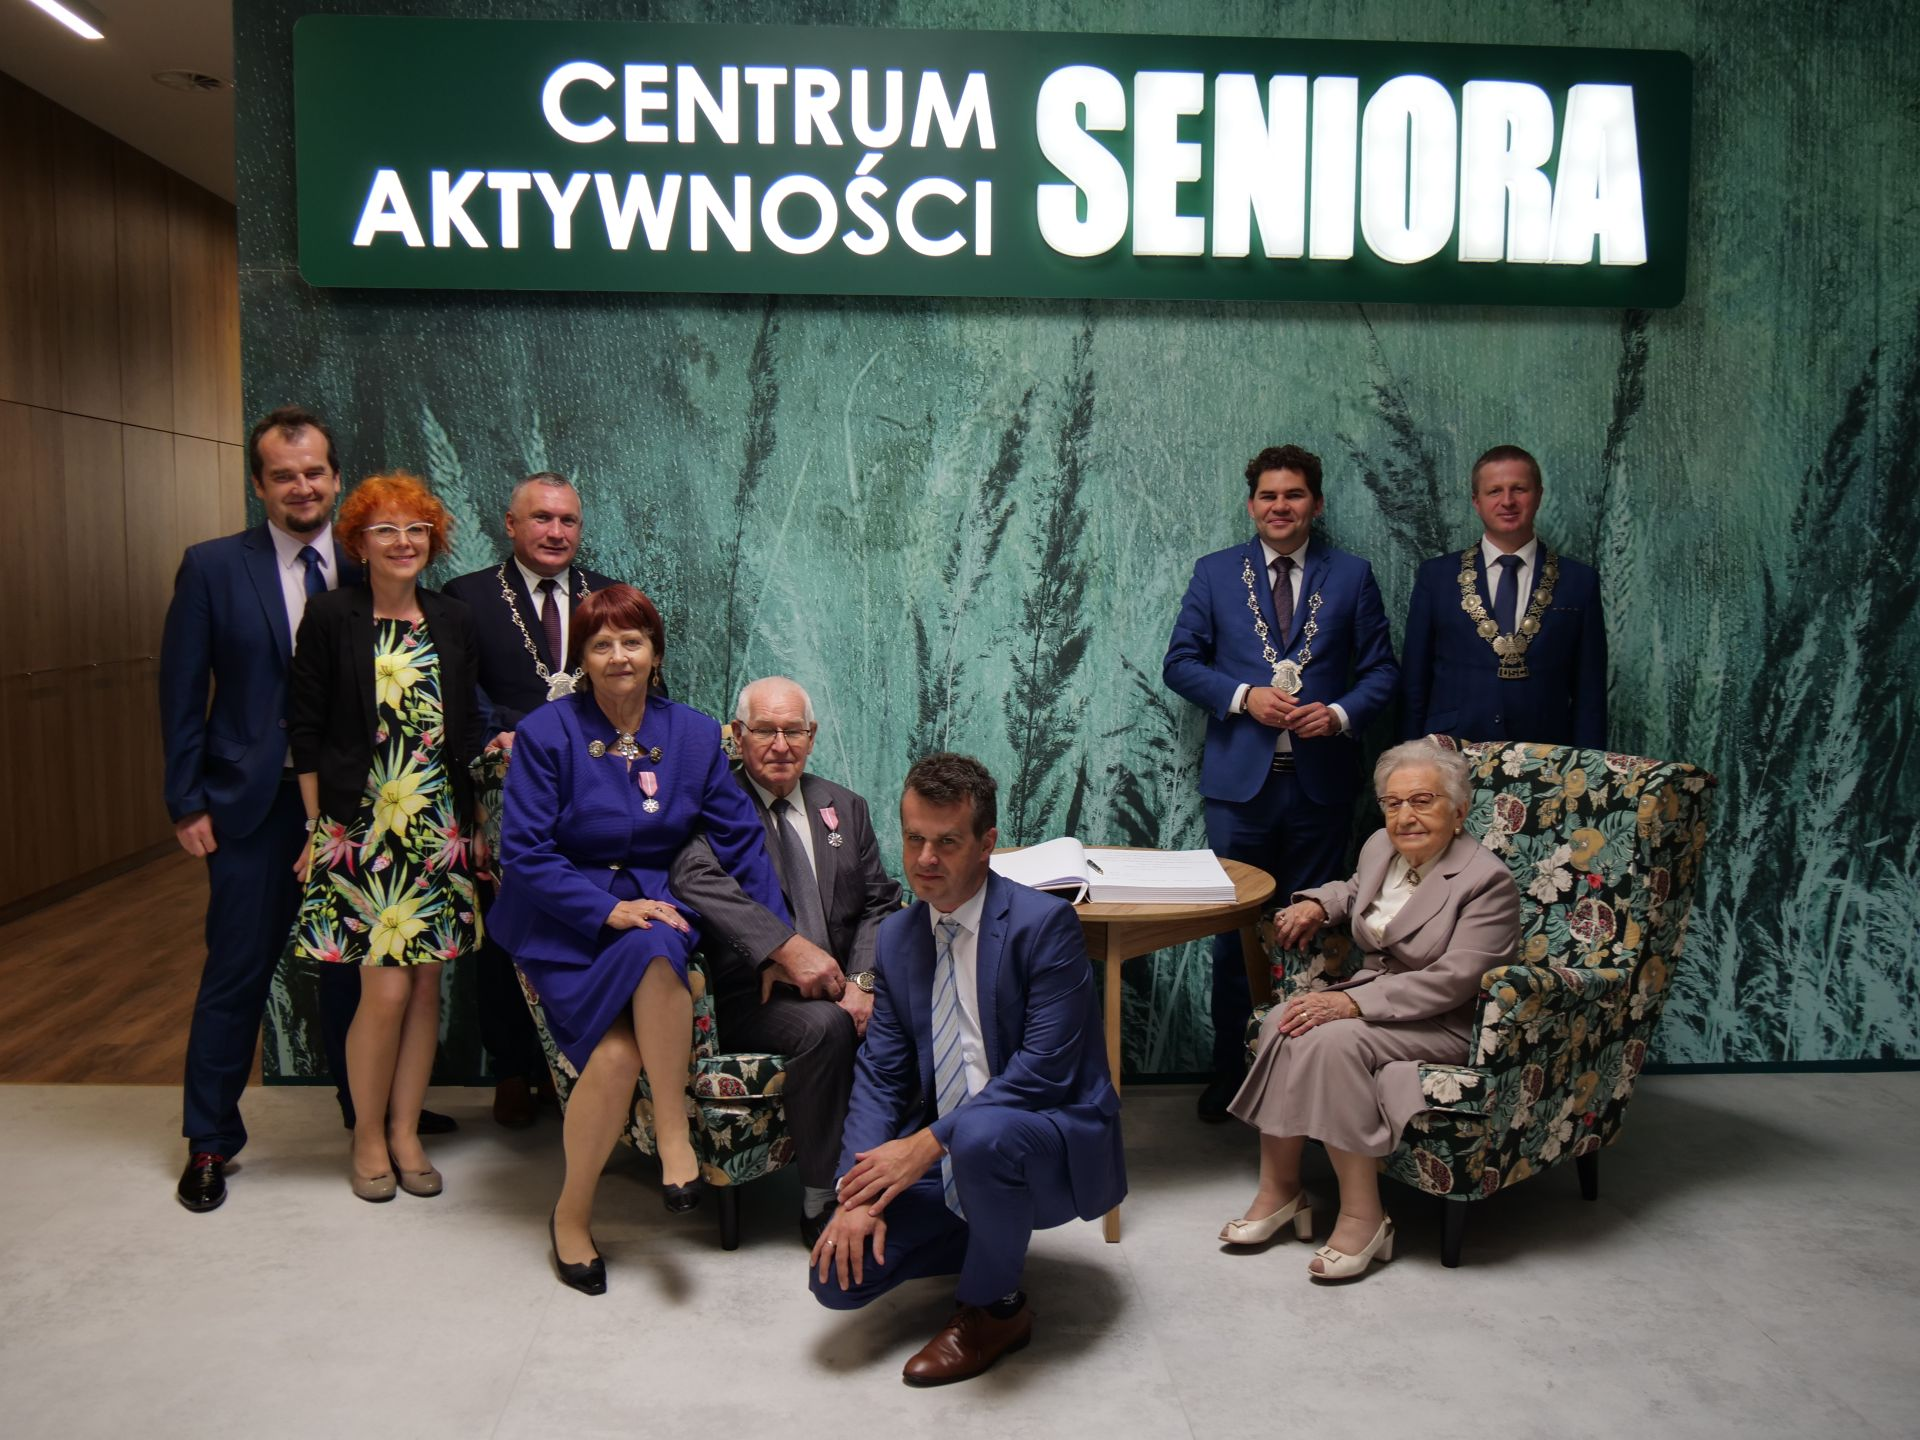 wiele osób: napis: Centrum Aktywności Seniora